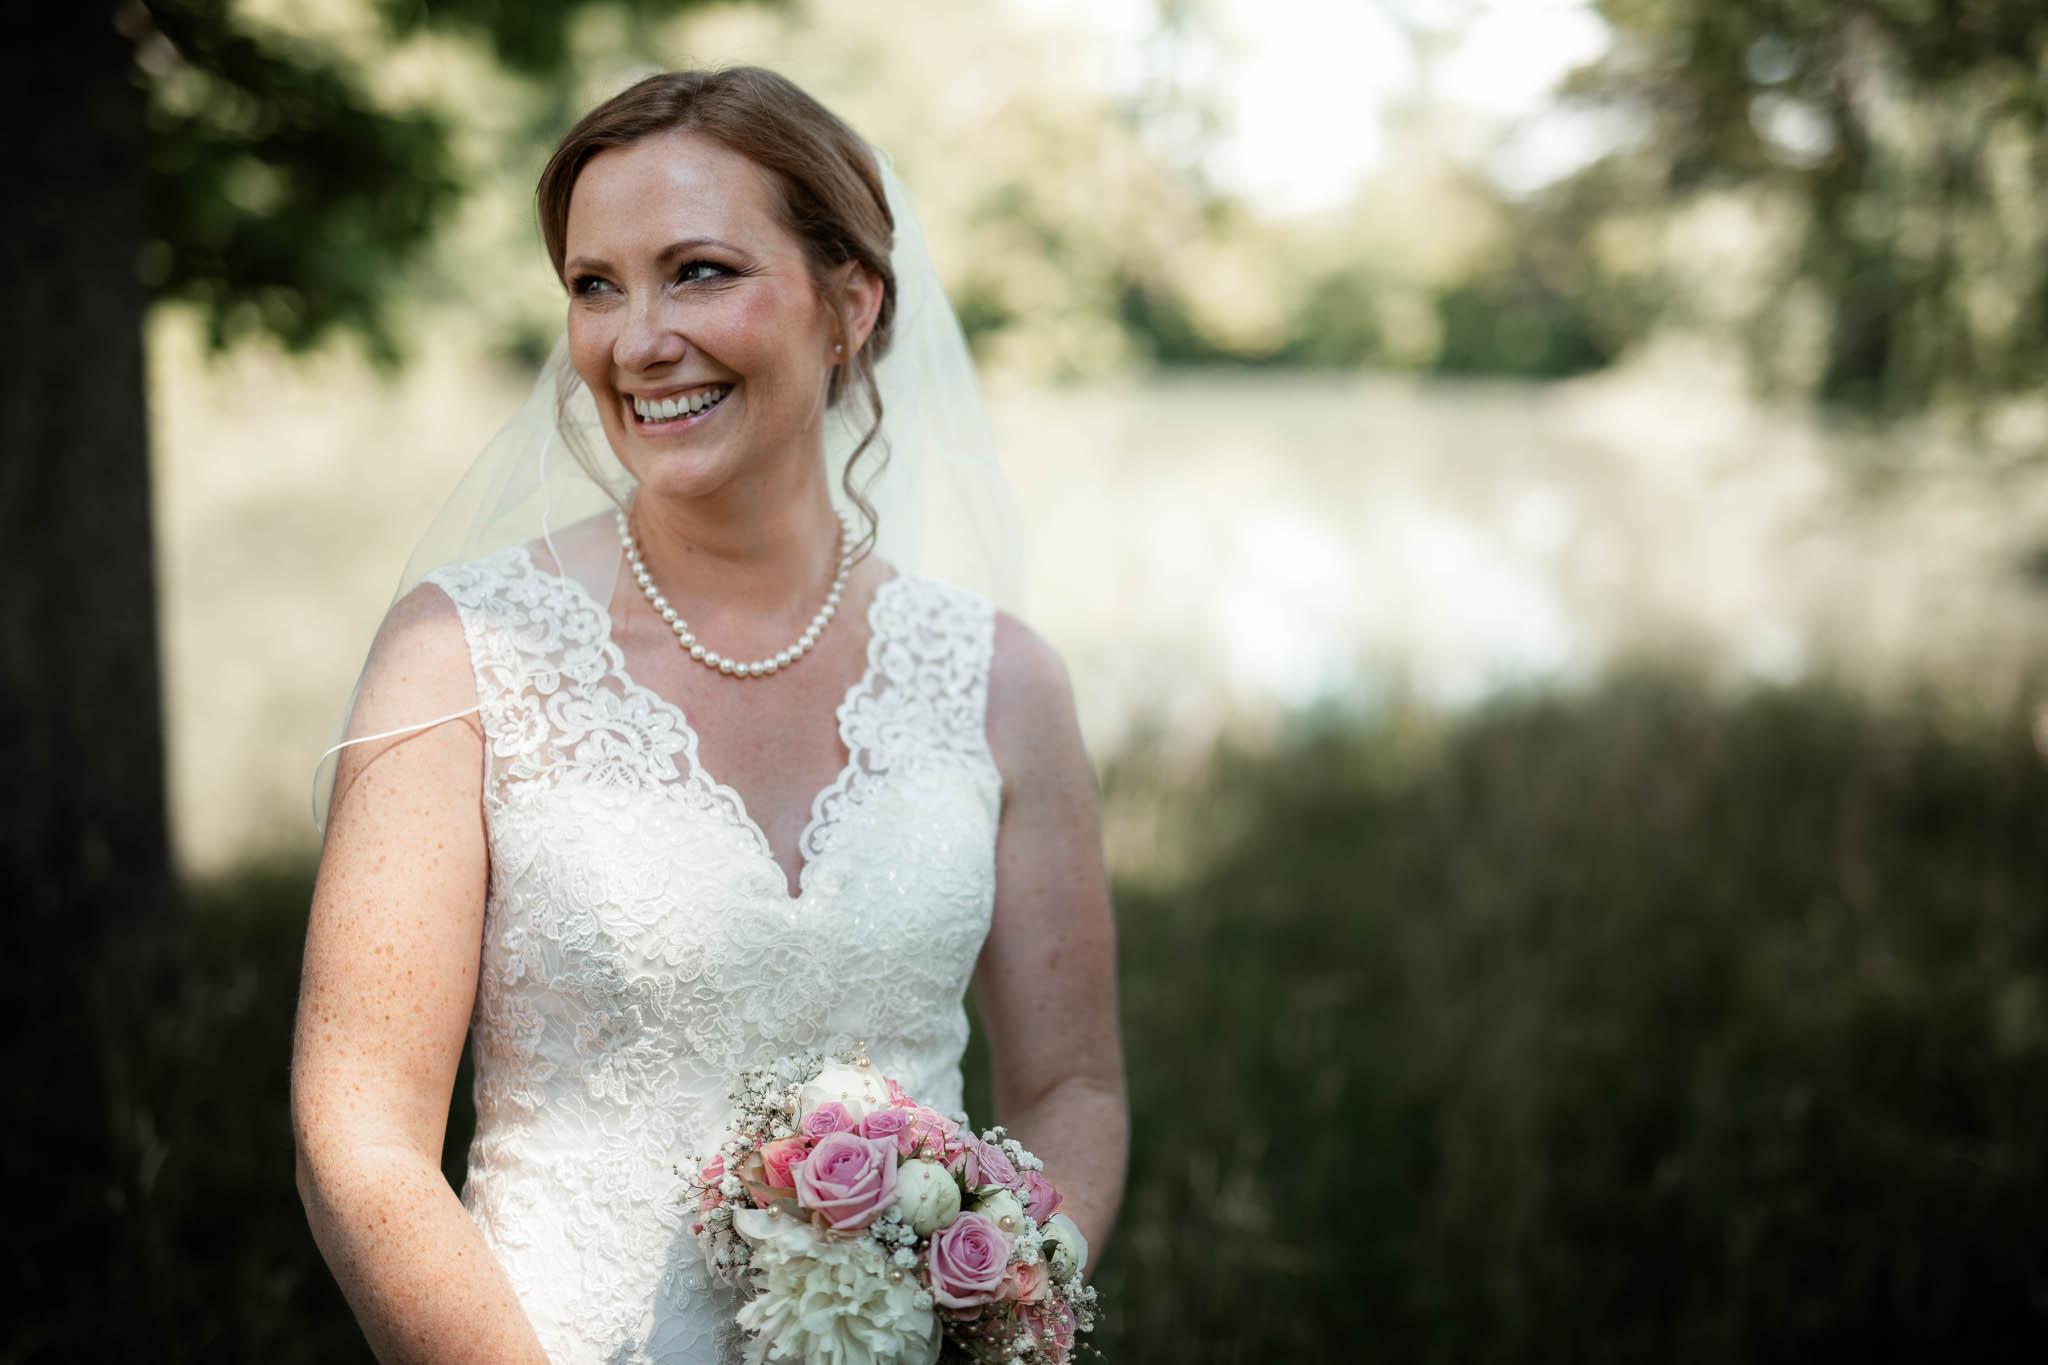 Hochzeitsfotograf Gundheim 24